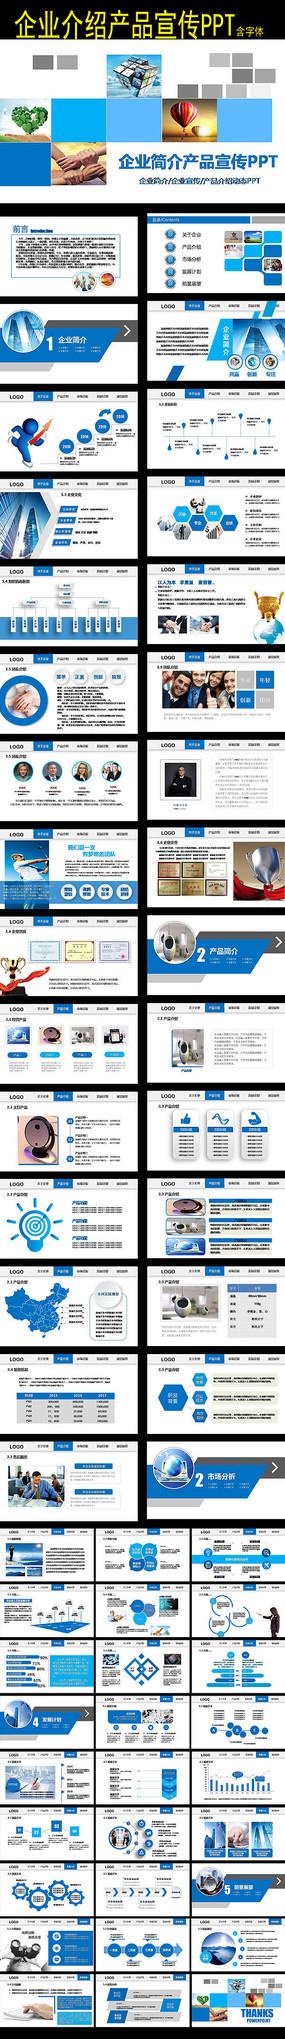 企业介绍宣传达室册产品介绍动态PPT模板